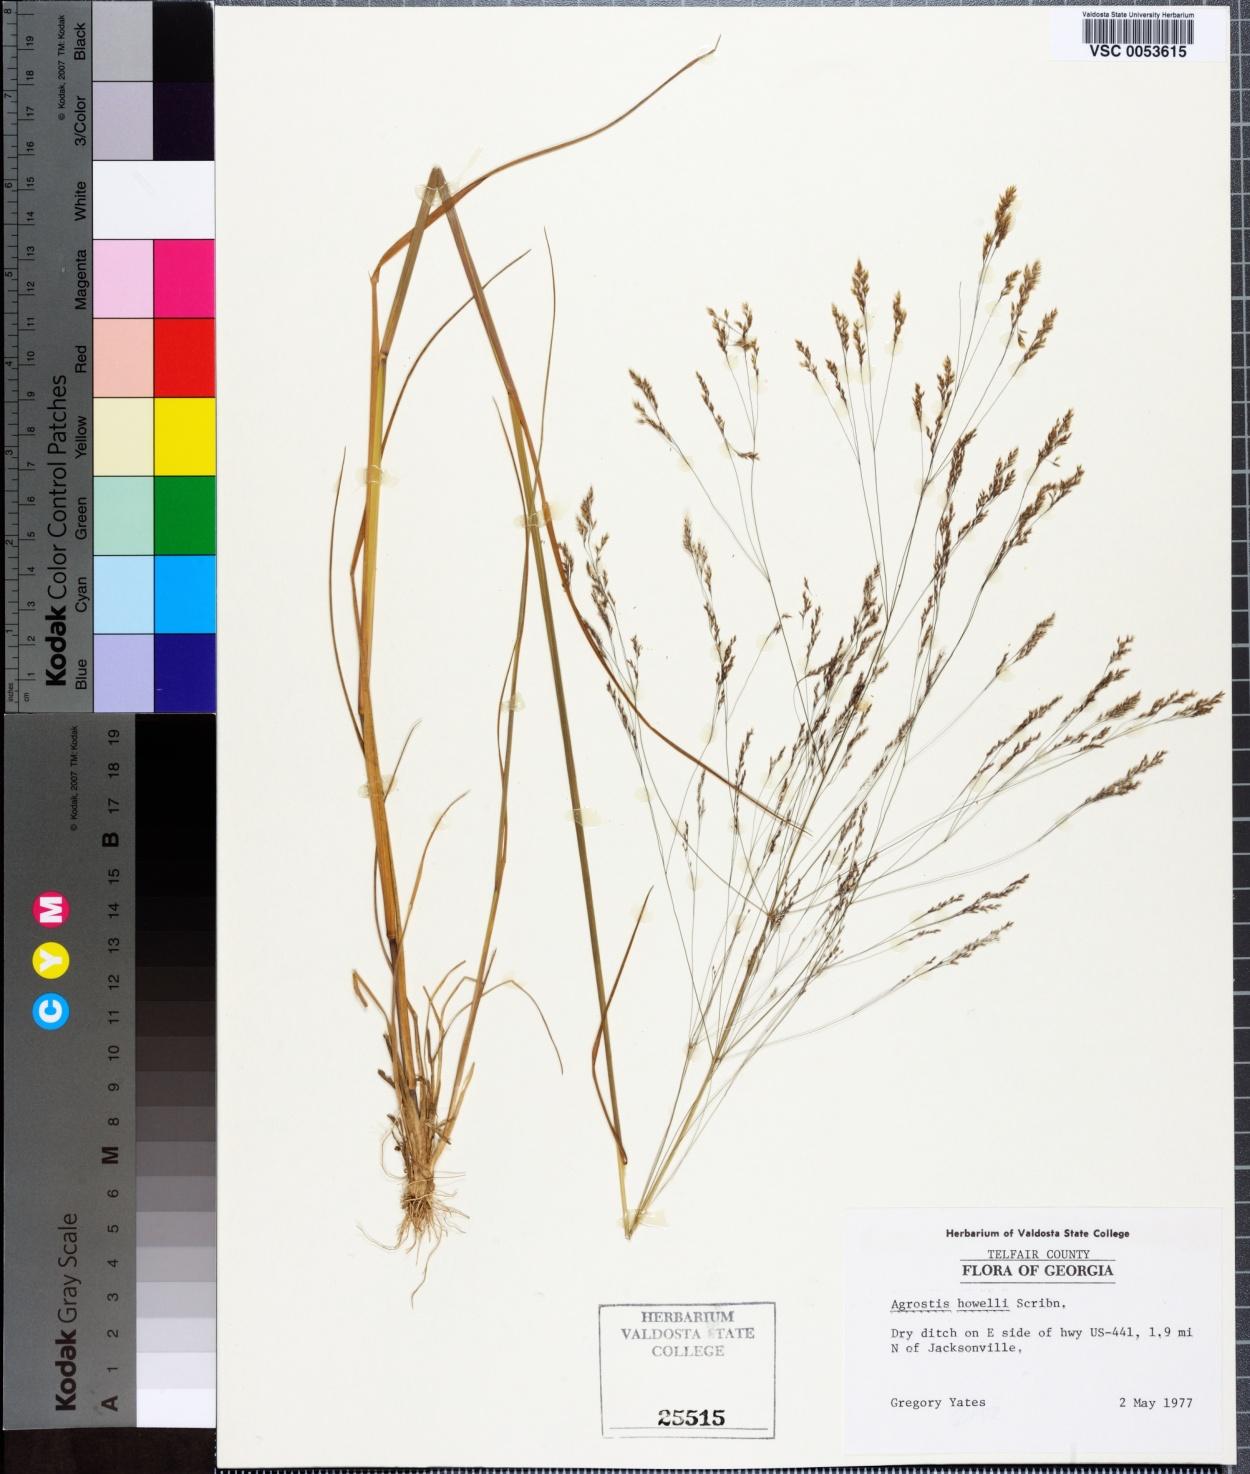 Agrostis howellii image